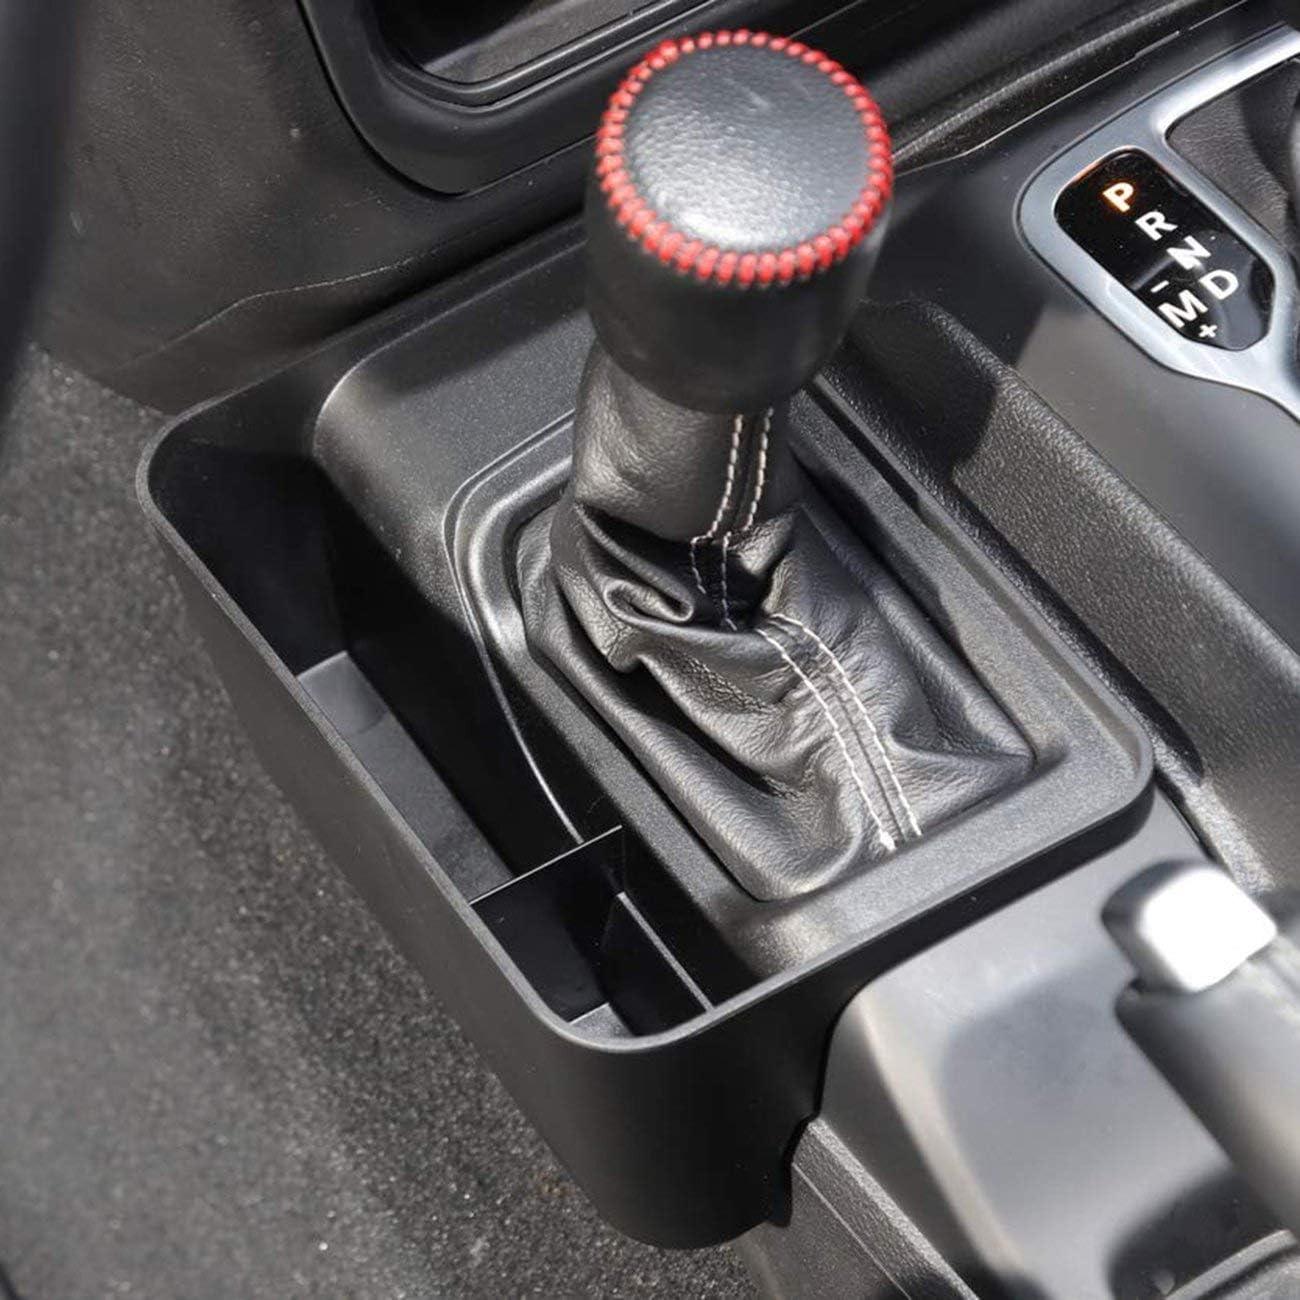 JIUY pour Jeep Wrangler JL JLU 2018 2019 Vitesse C/ôt/é bo/îte de Rangement Voiture t/él/éphone Portable M/êle Bo/îte de Rangement Fournitures de Voiture Noir